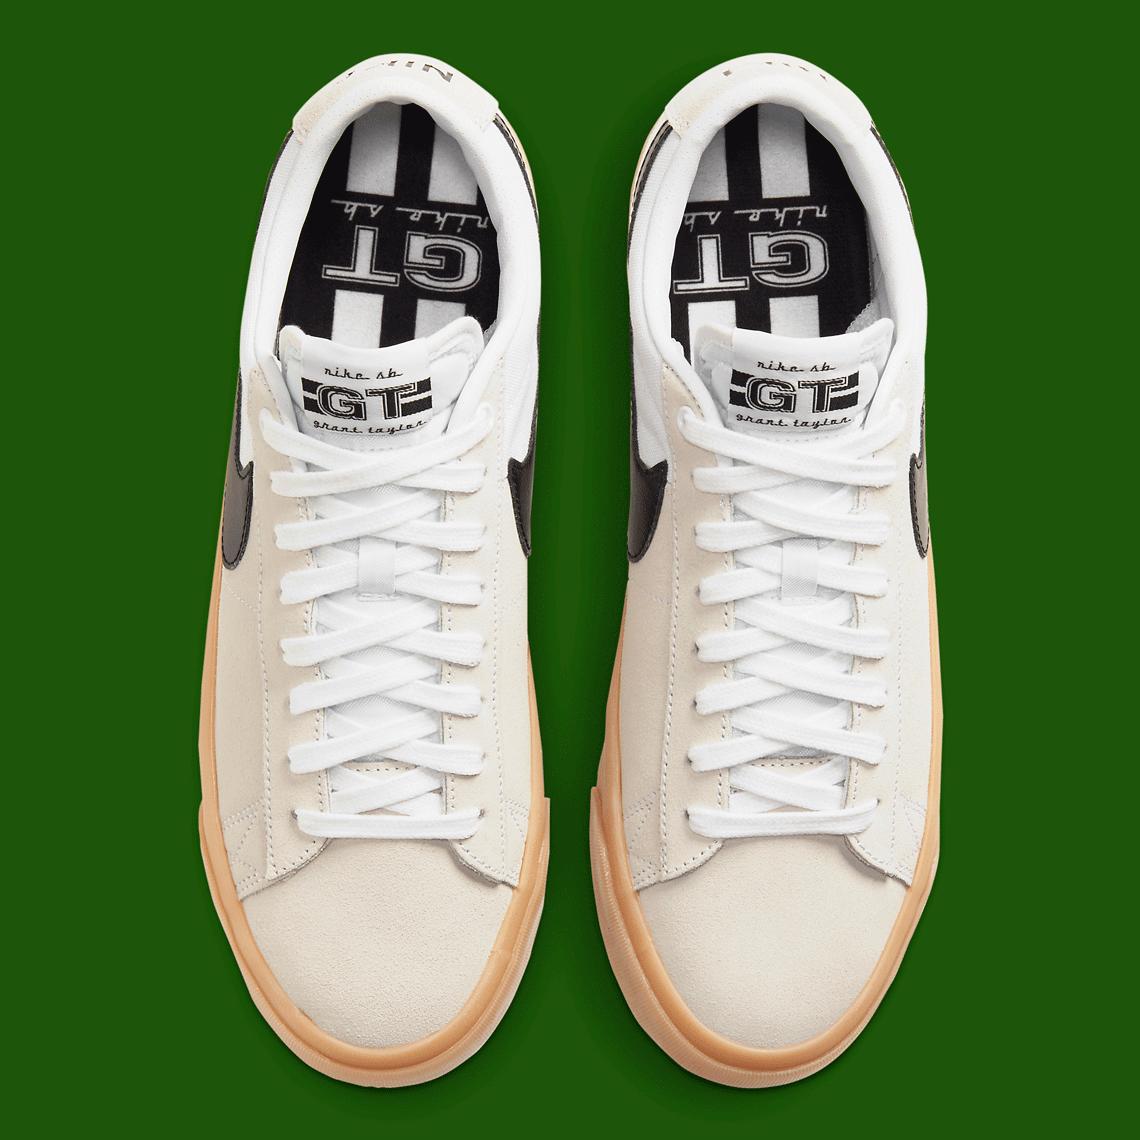 Nike-SB-Blazer-Low-GT-DC7695-100-05.jpg?w=1140